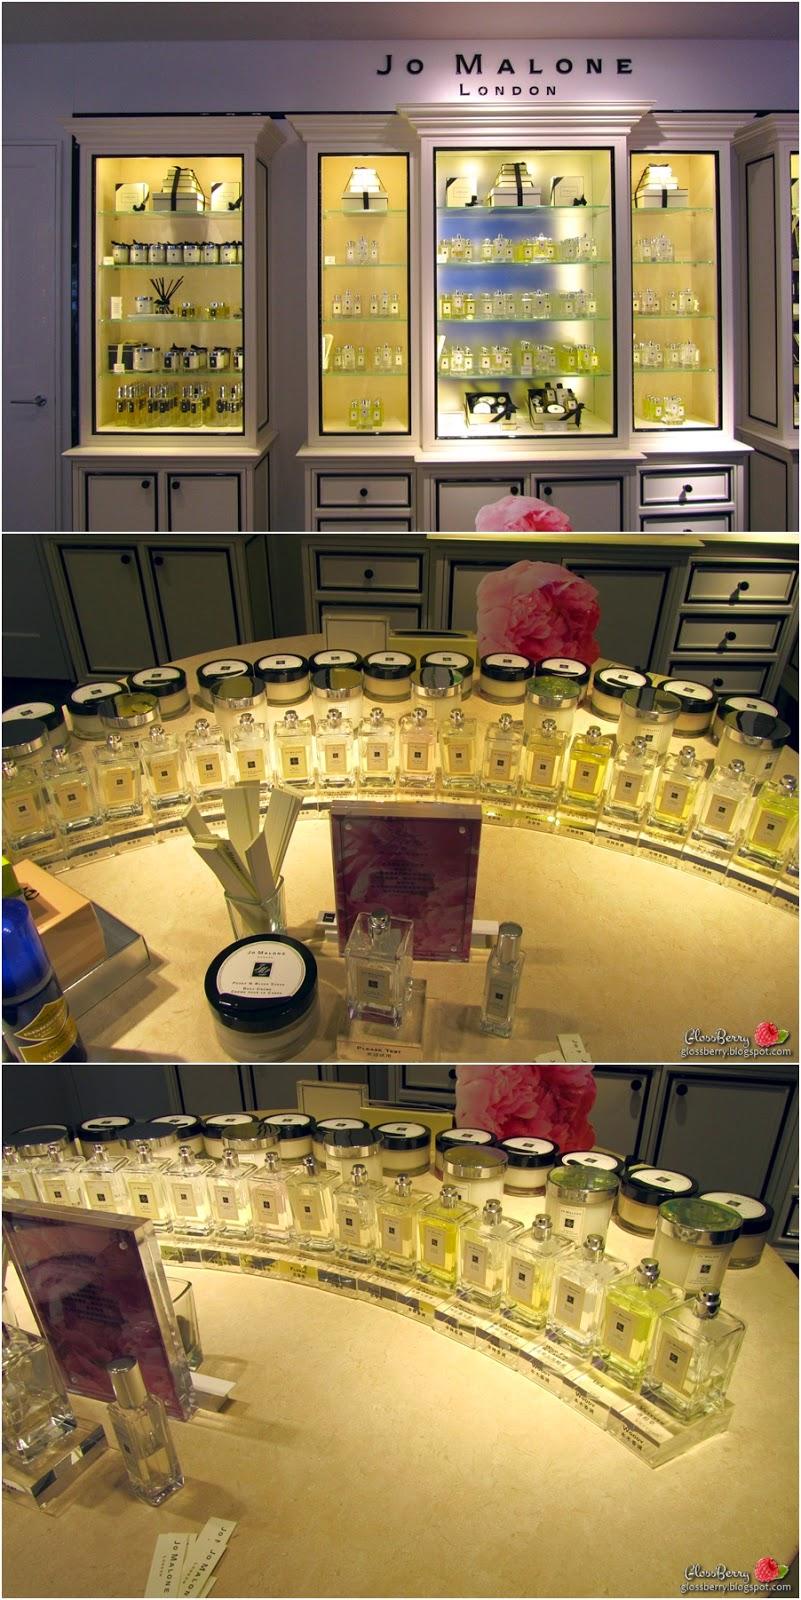 jo malone perfumes hong kong